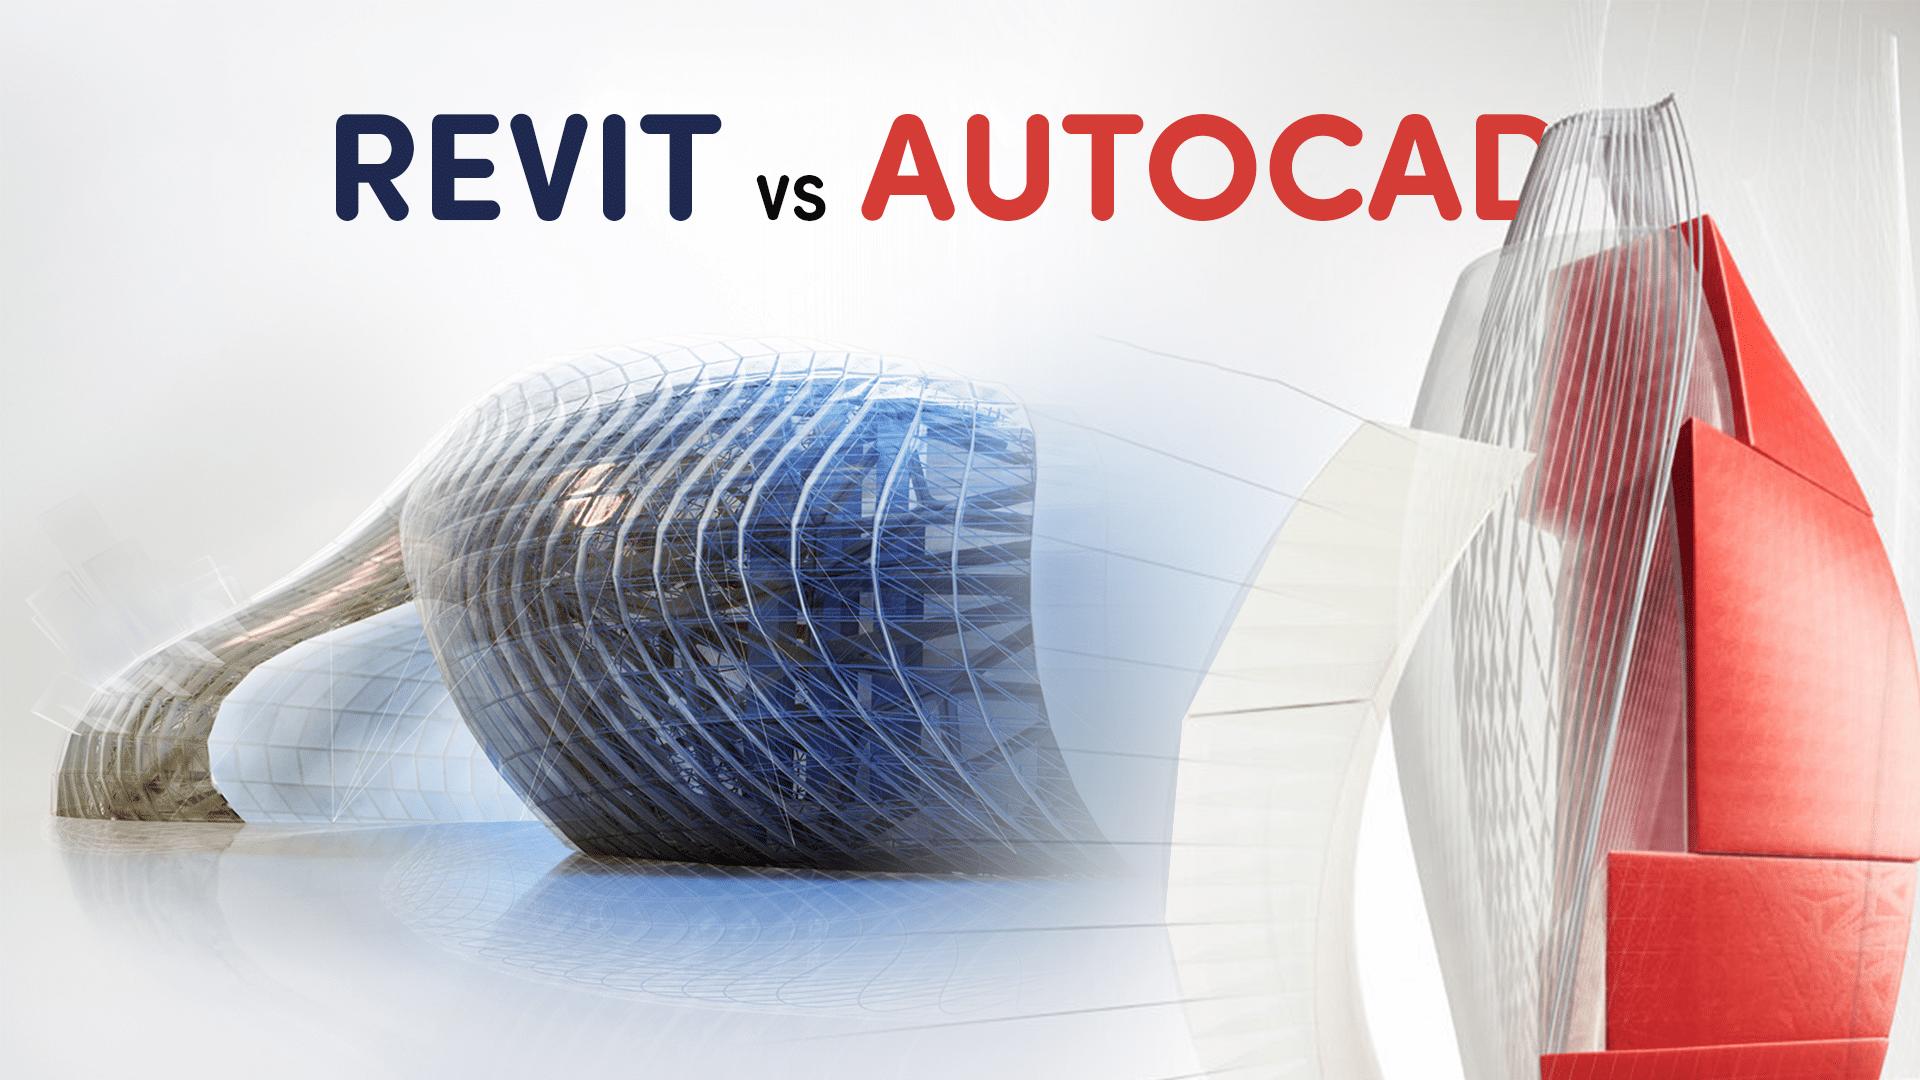 Quelle est la différence entre AutoCAD et Revit?